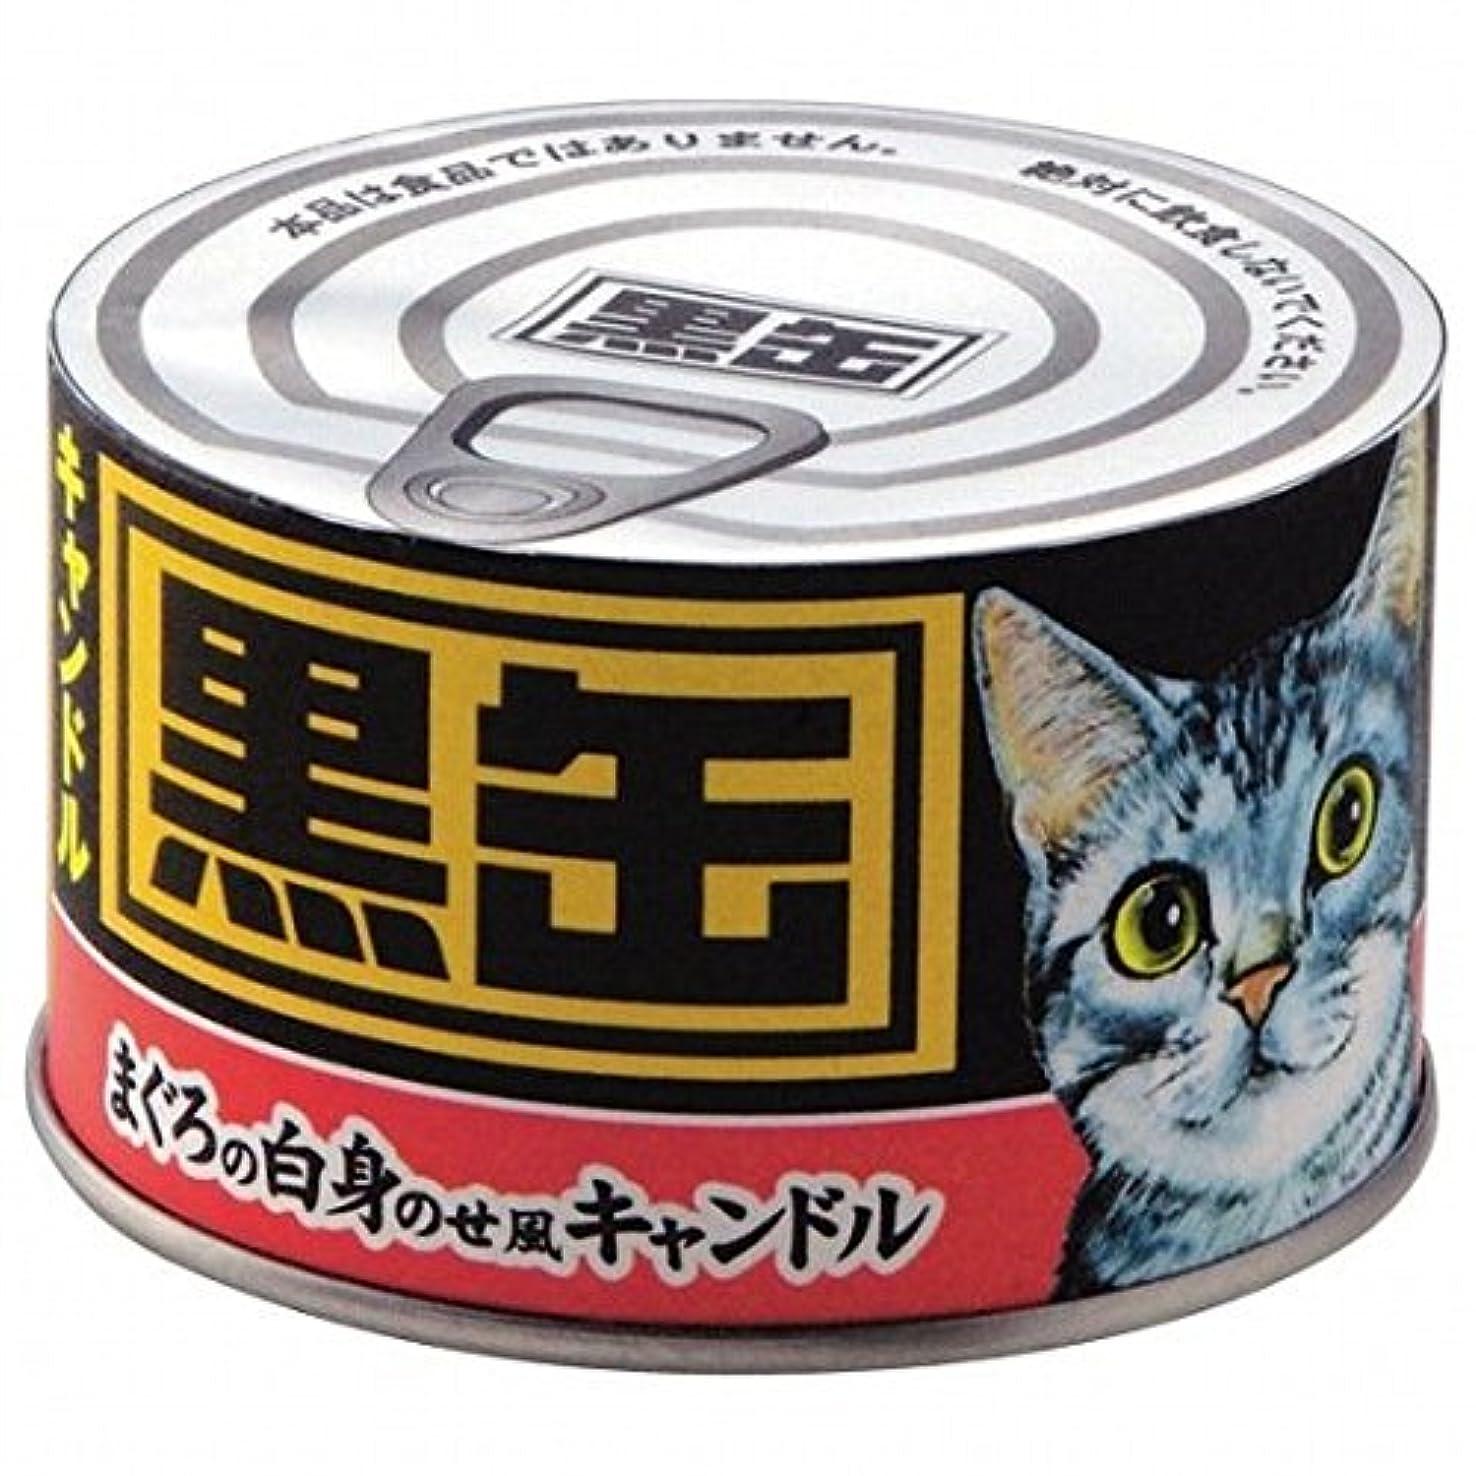 アーネストシャクルトン哲学的アテンダントkameyama candle(カメヤマキャンドル) 黒缶キャンドル(86620000)